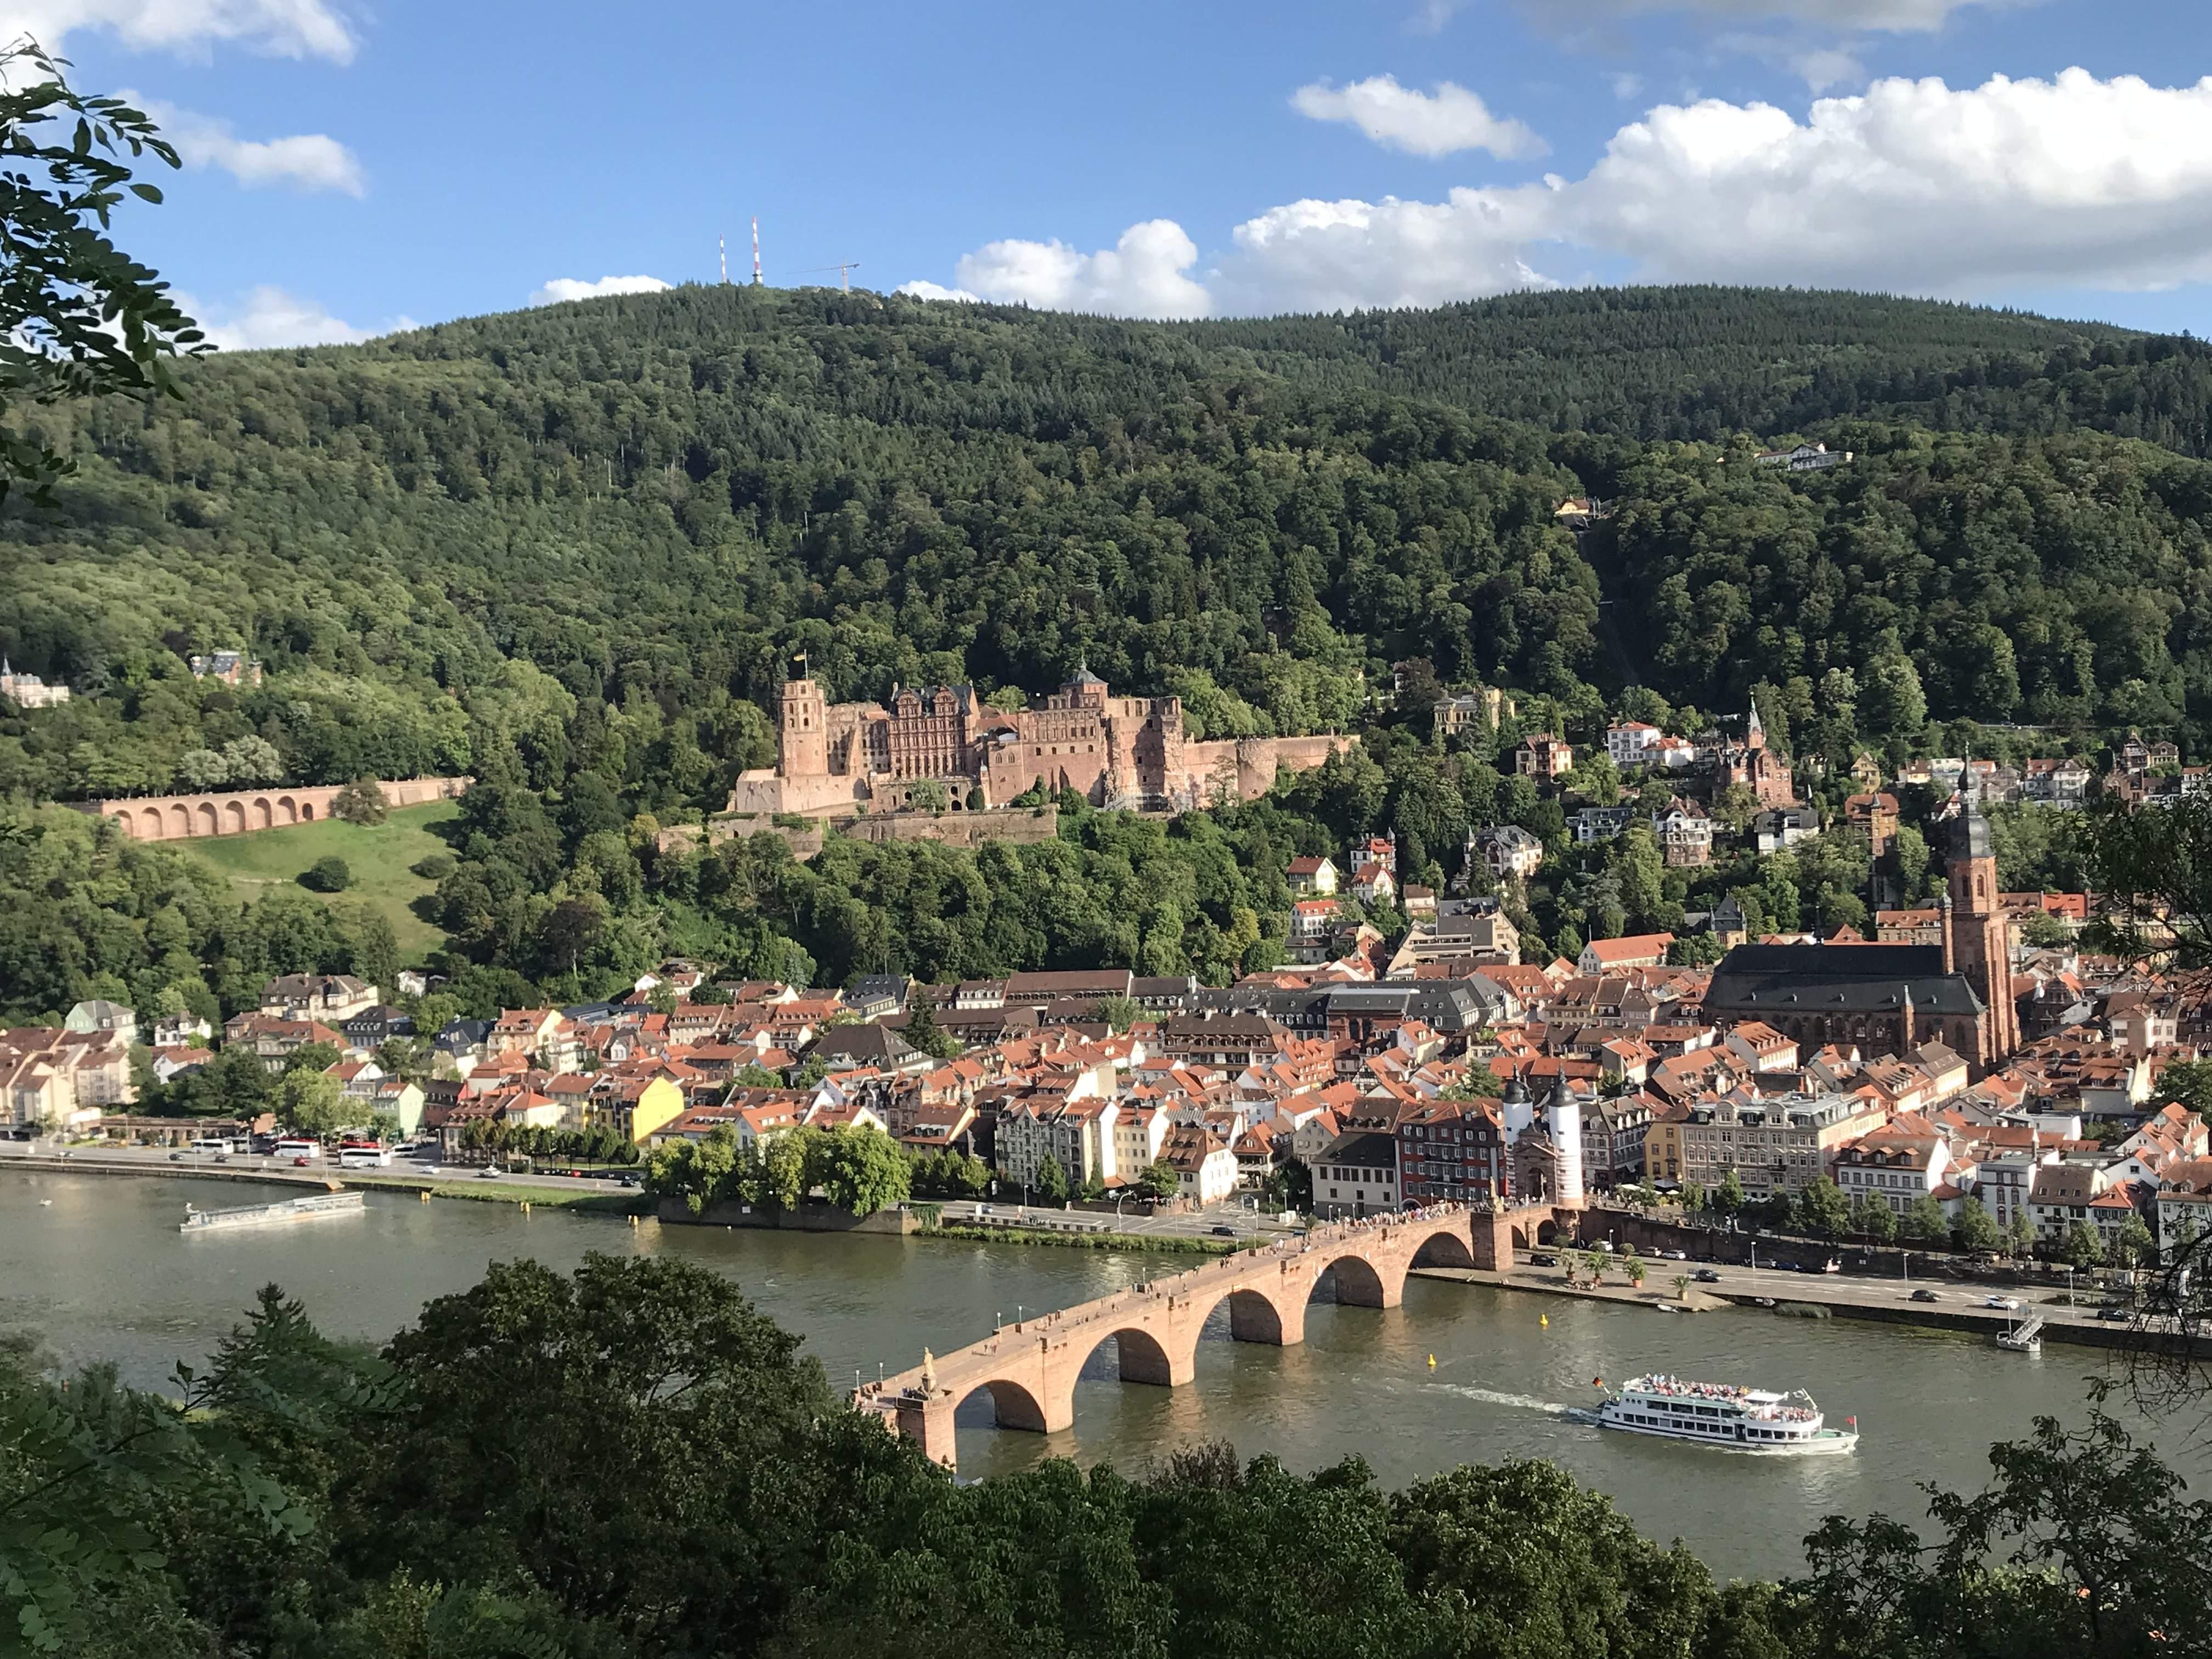 A bridge over Neckar river